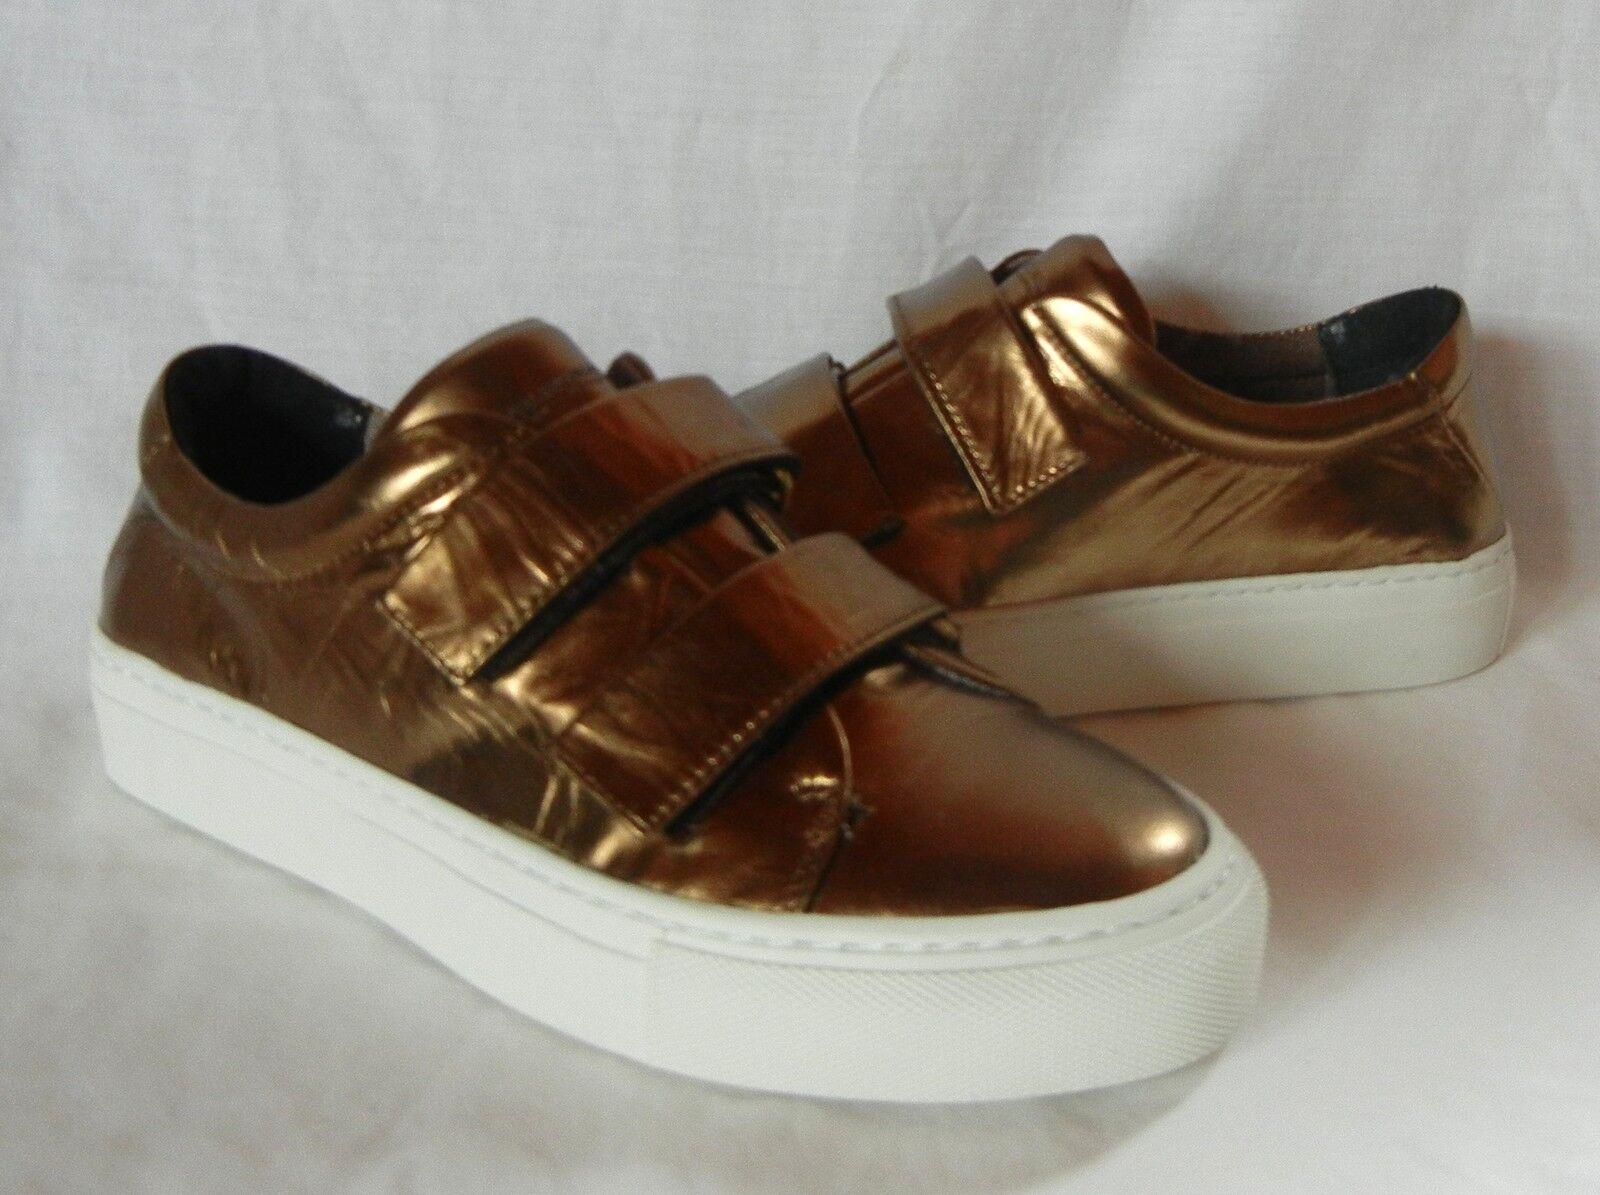 Royal Republiq Donna  Eplique Leather scarpe scarpe scarpe da ginnastica Retail  200 Dimensione 7 f436b4